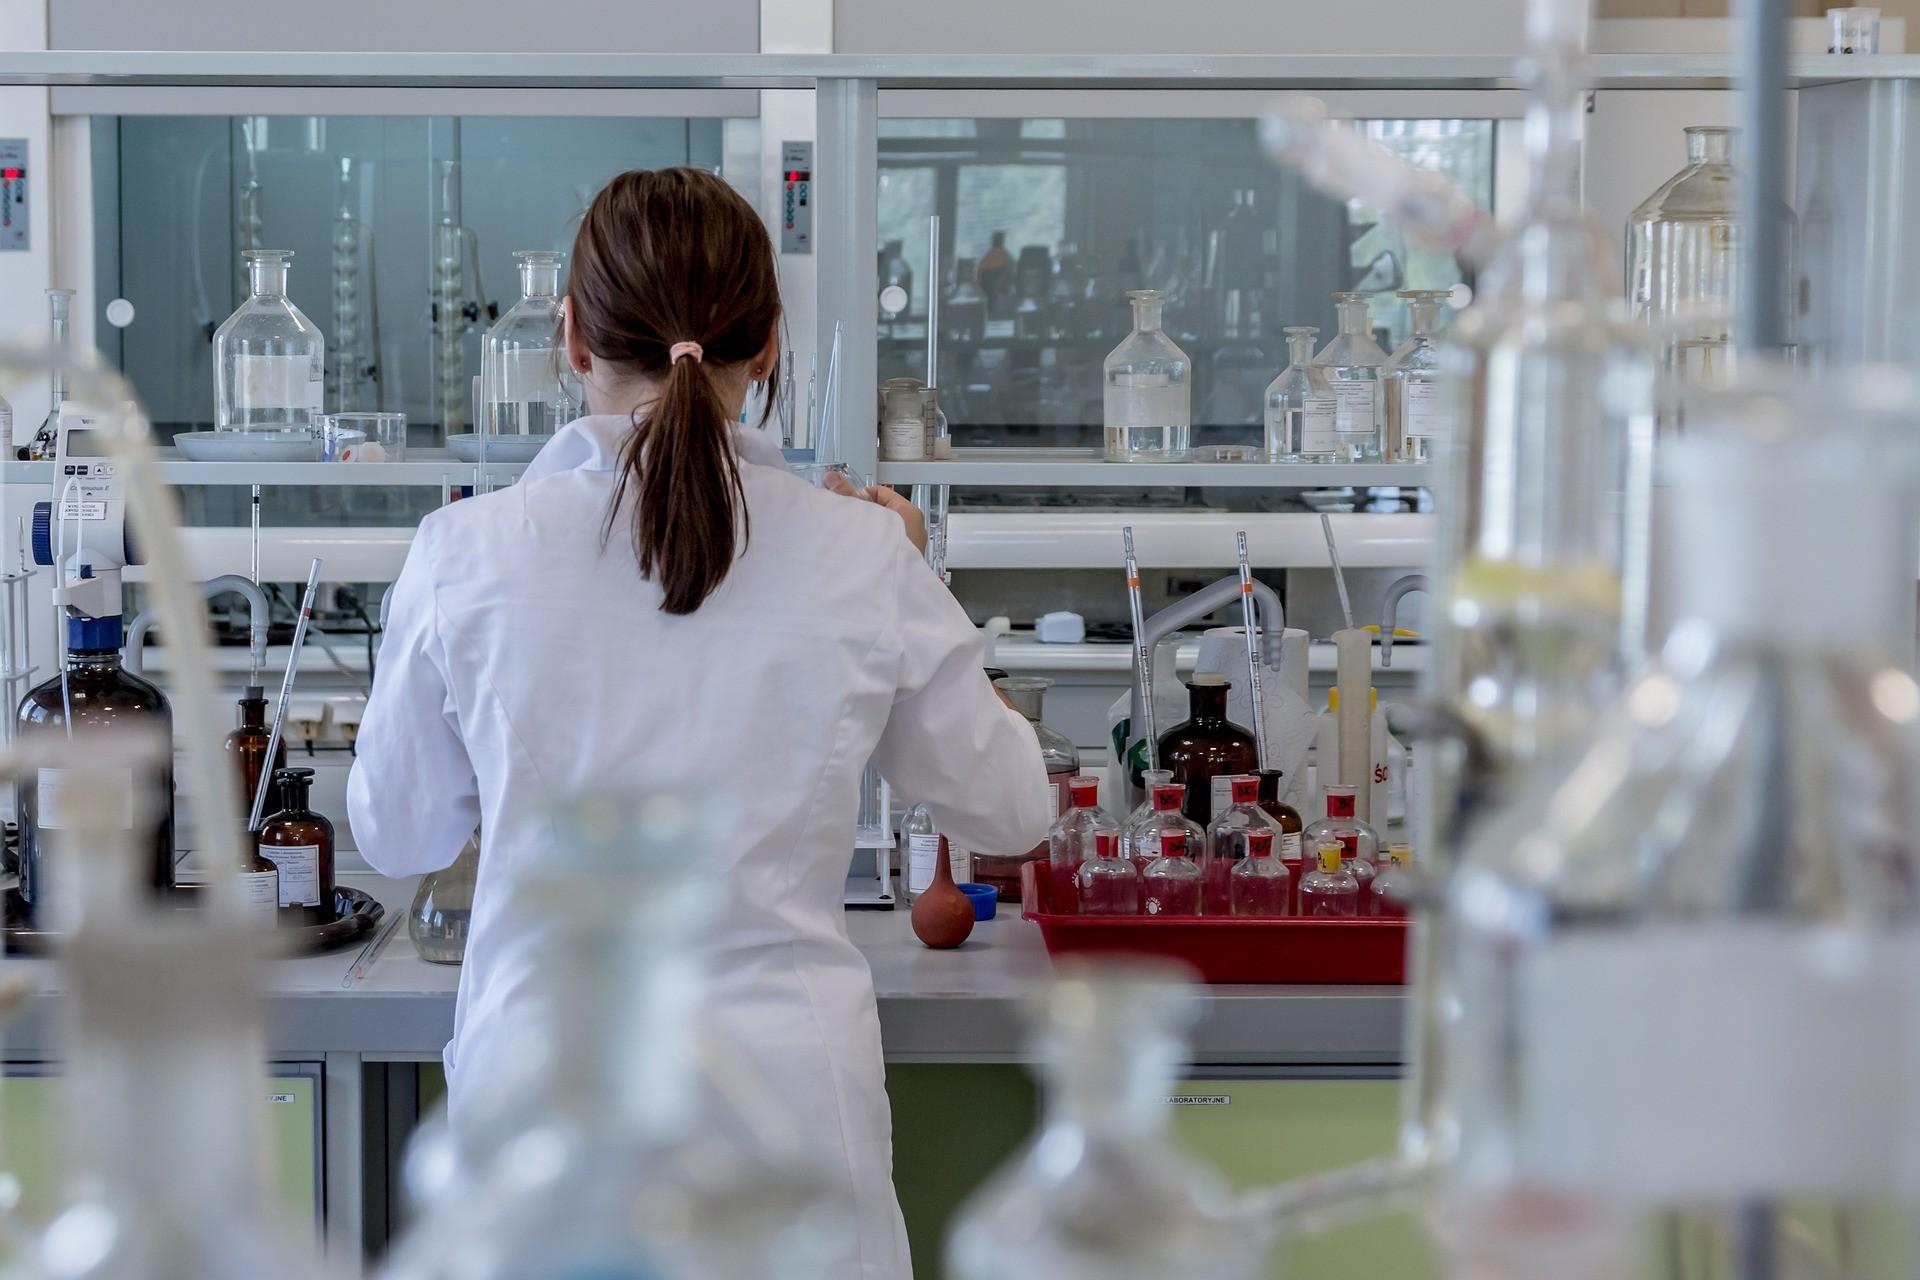 Кейтруда: иммунотерапия излечивает 5 типов рака - Лечение рака в Израиле с ONCORU